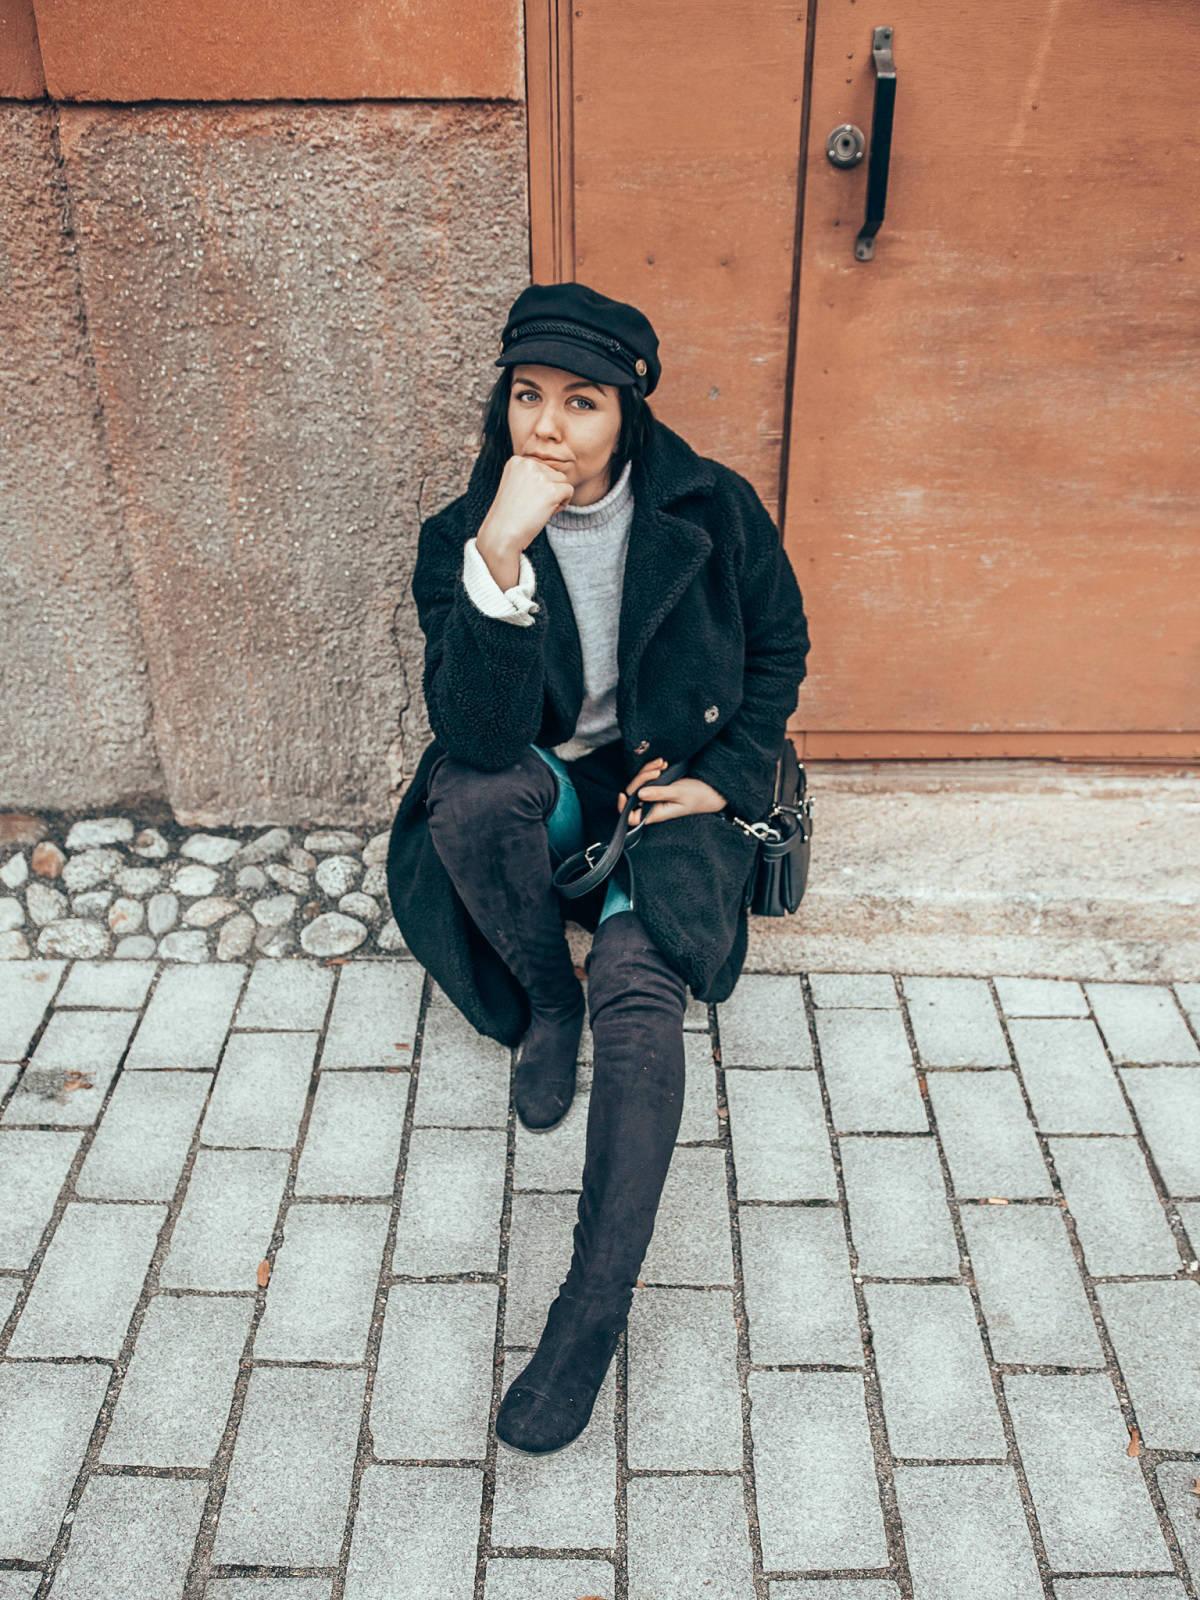 Pauliina_m_vanharauma_asukuva3